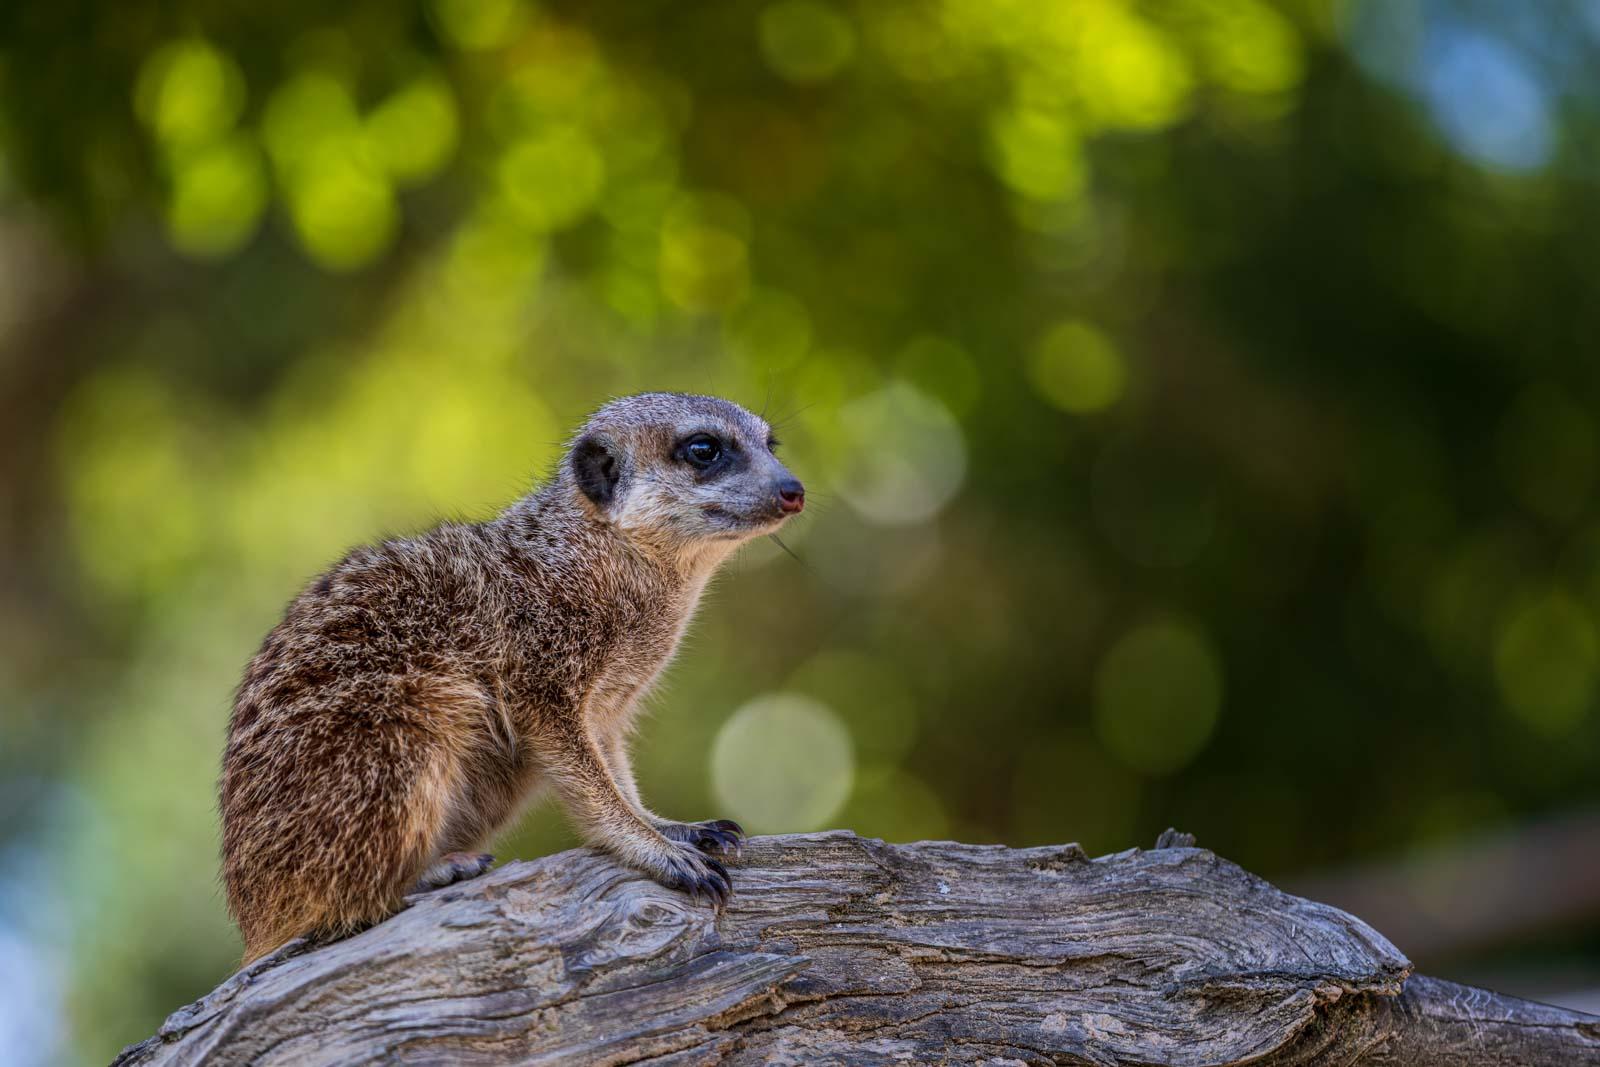 Animal, Deutschland, Europa, Europe, Germany, Herborn, Hessen, Hessia, Location, Ort, Sommer, Summer, Tier, Tiergarten, Zoo